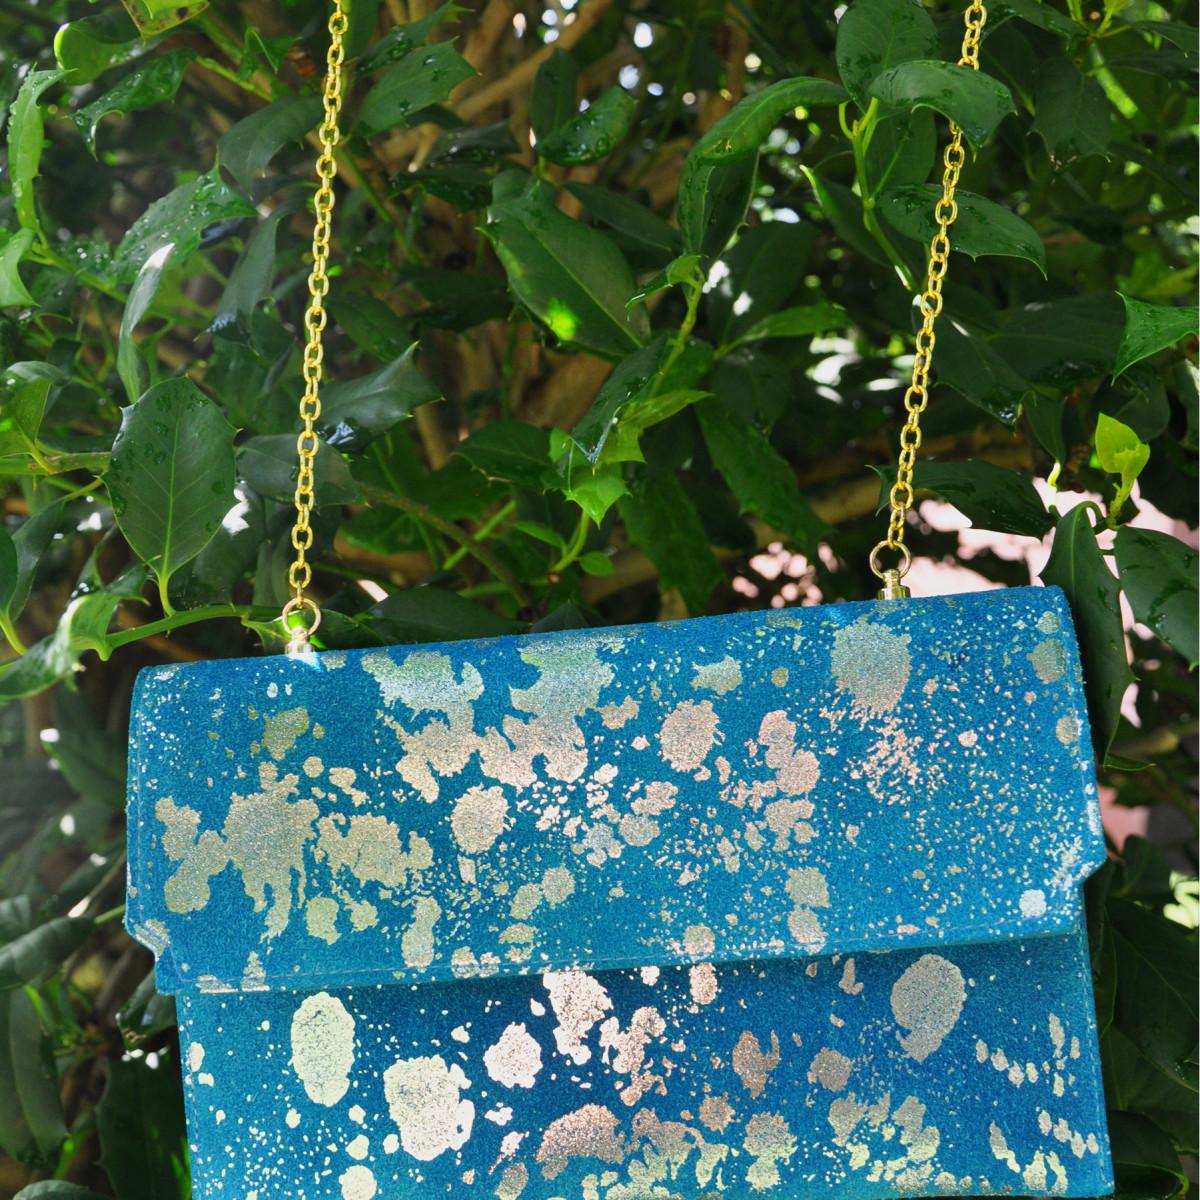 Handbag by Moss Mills